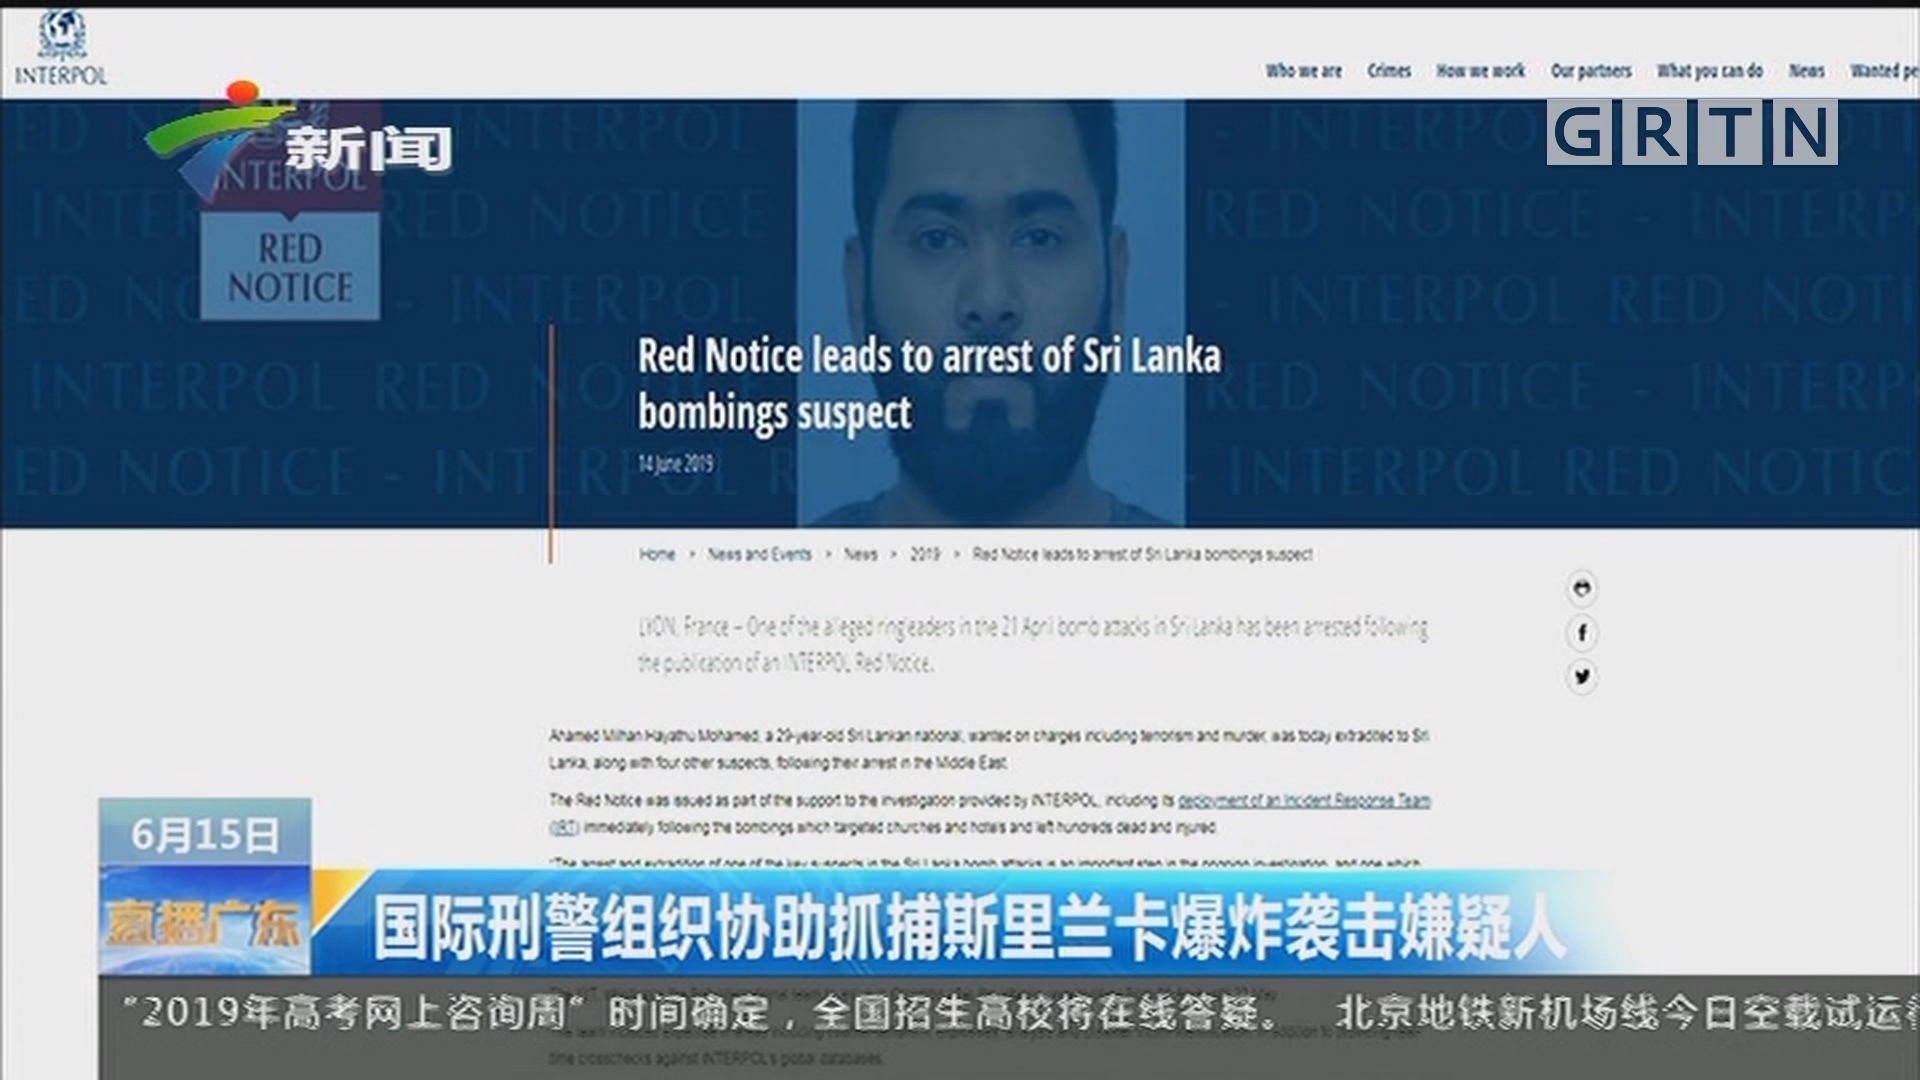 国际刑警组织协助抓捕斯里兰卡爆炸袭击嫌疑人